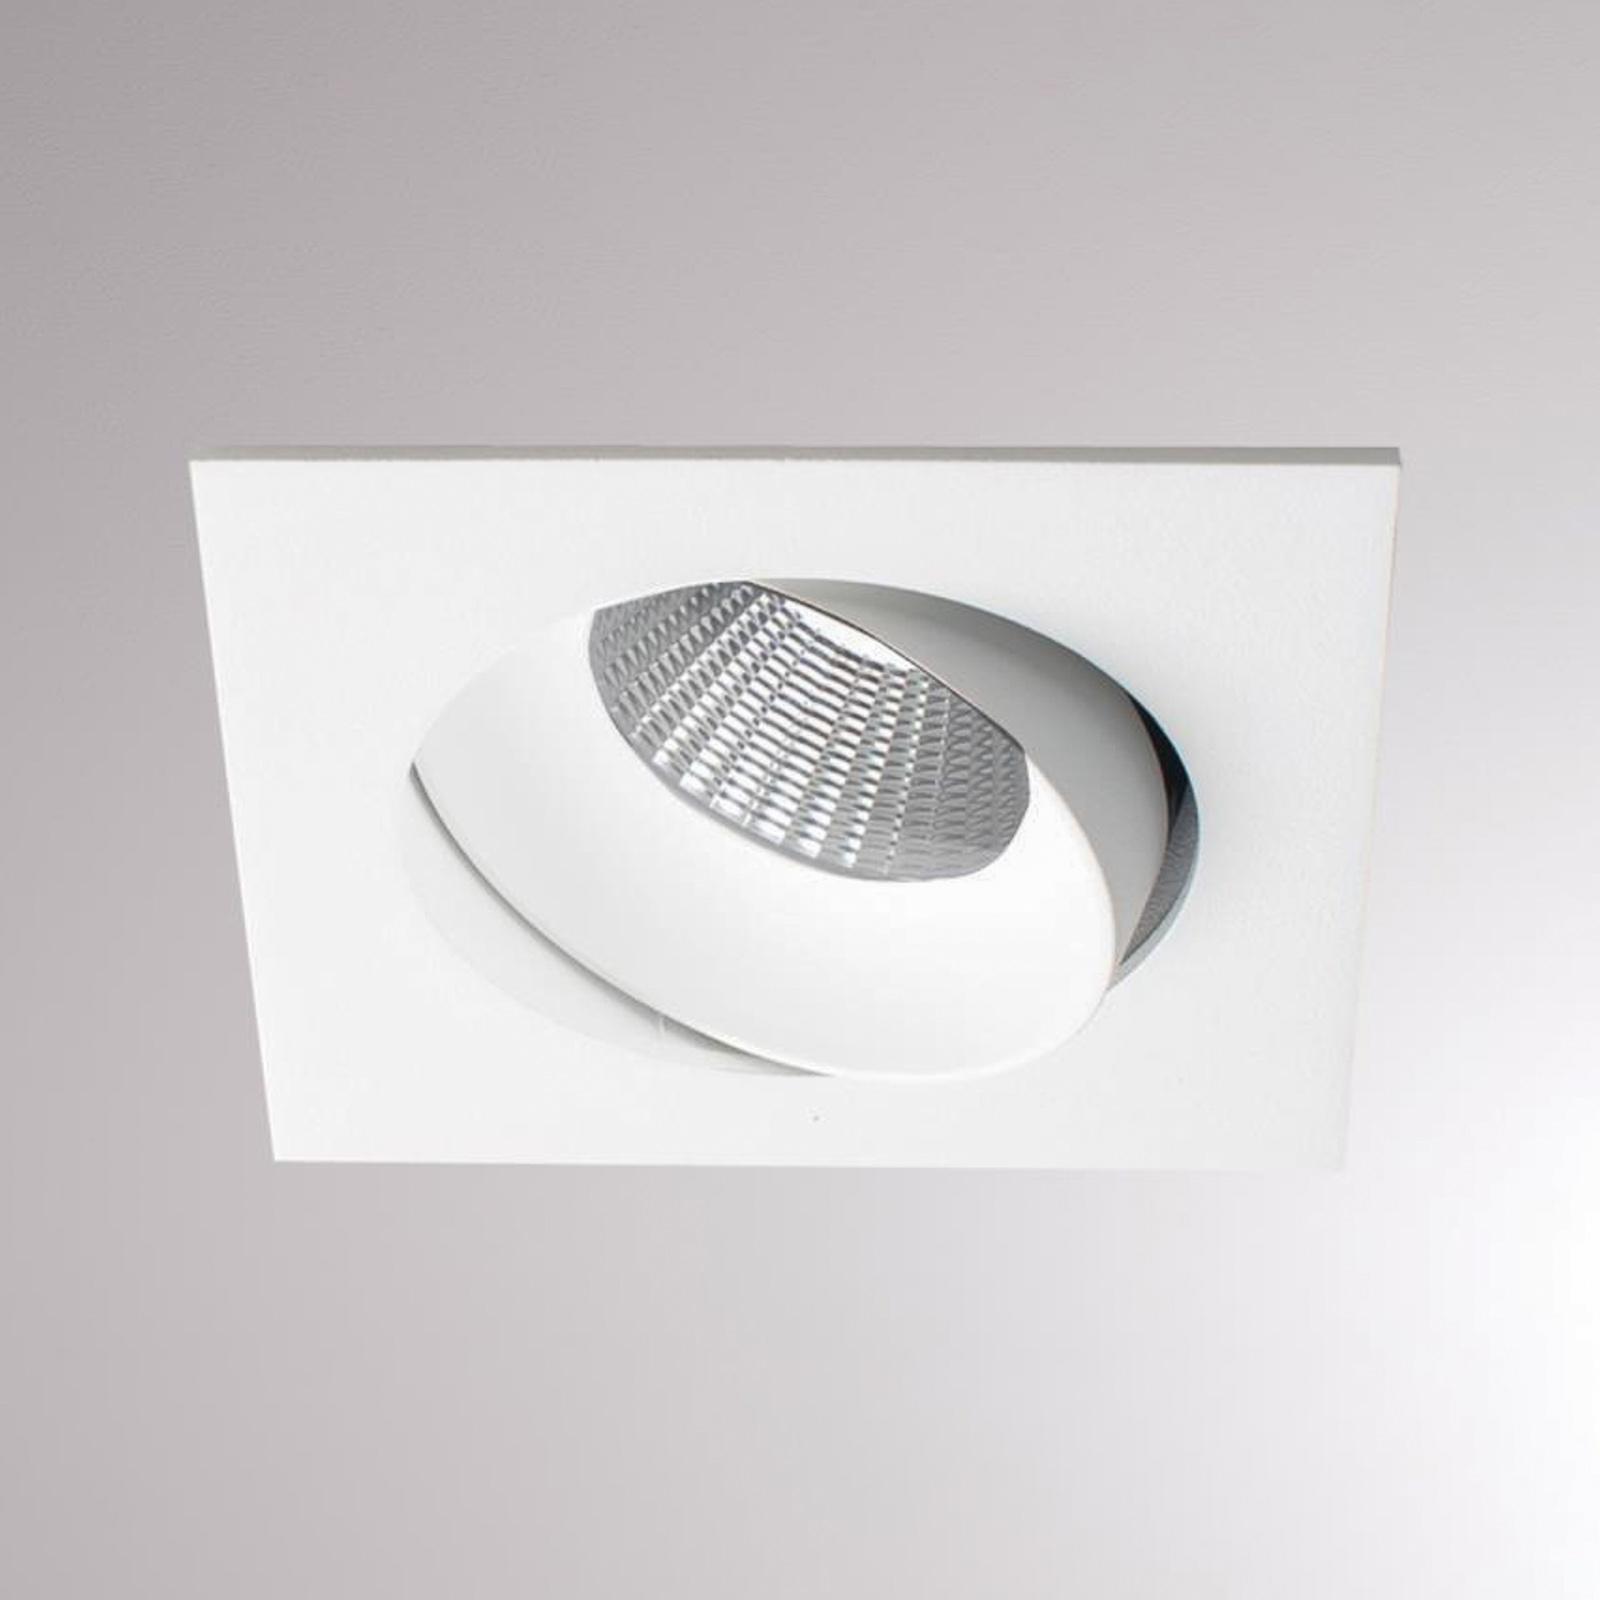 Kalio LED-Einbaulampe eckig 2700K 24° weiß